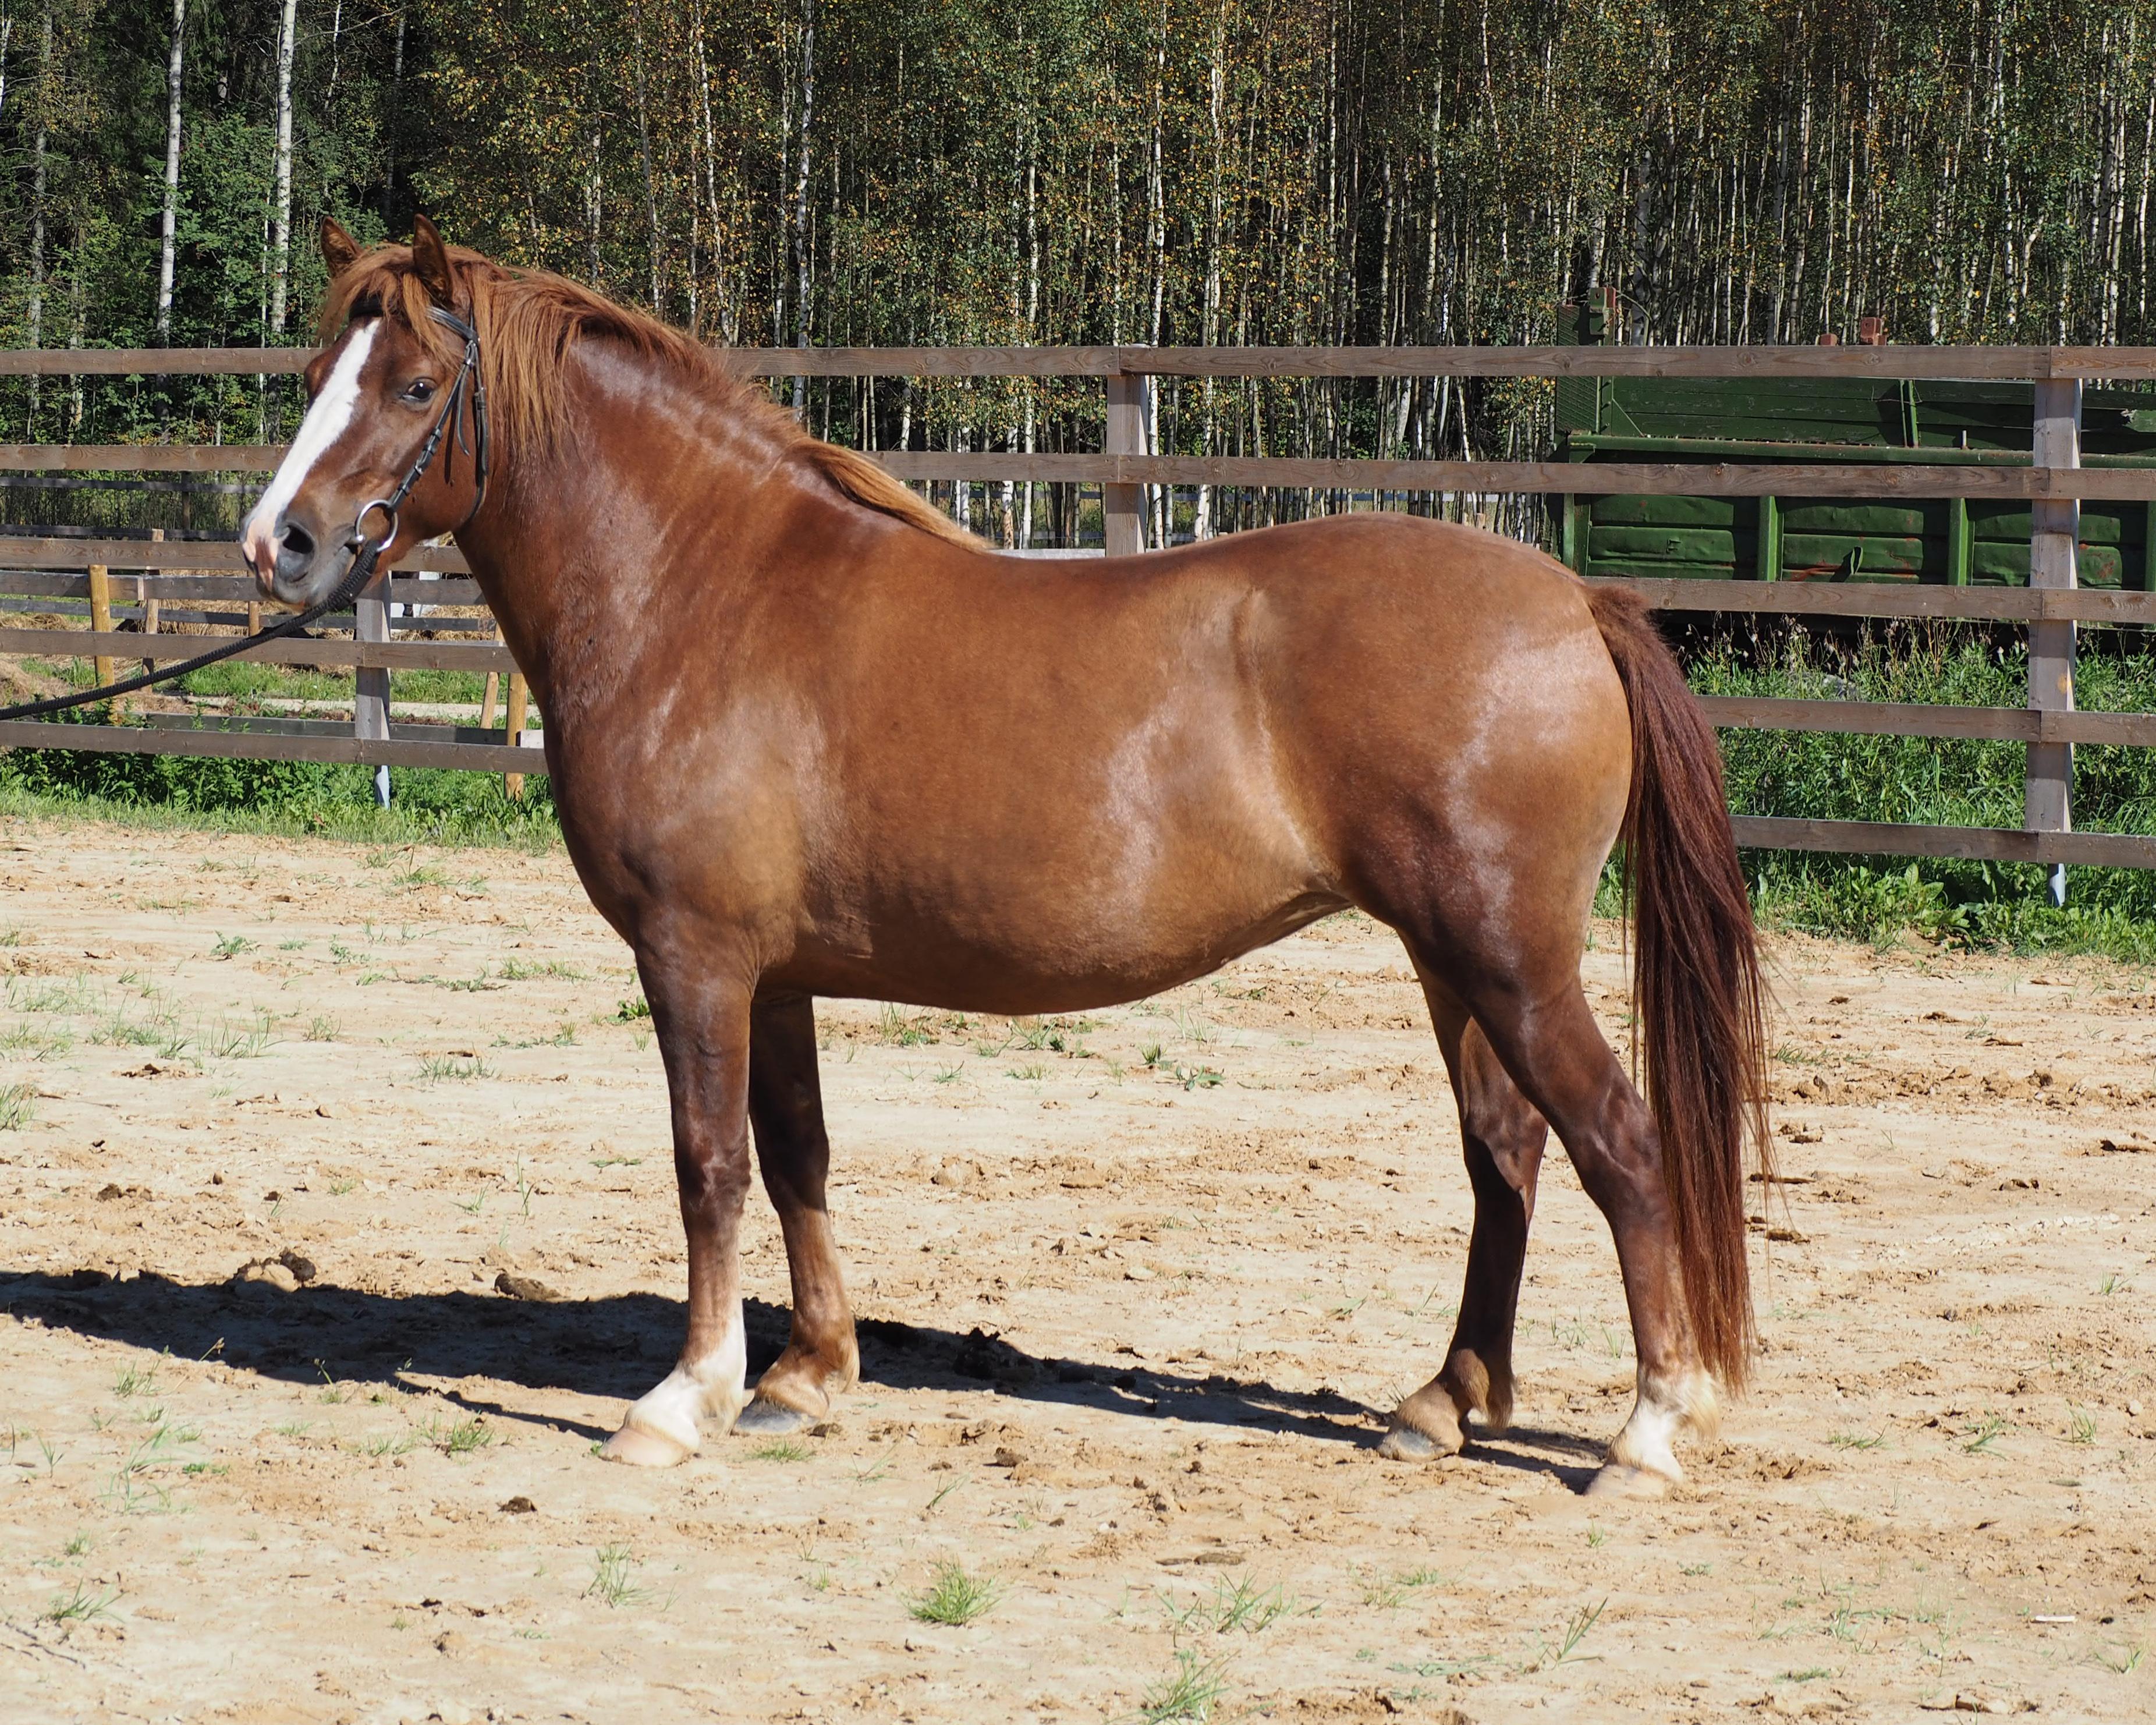 Mis suurusega hobune Peenise suurused loomadel ja inimestel